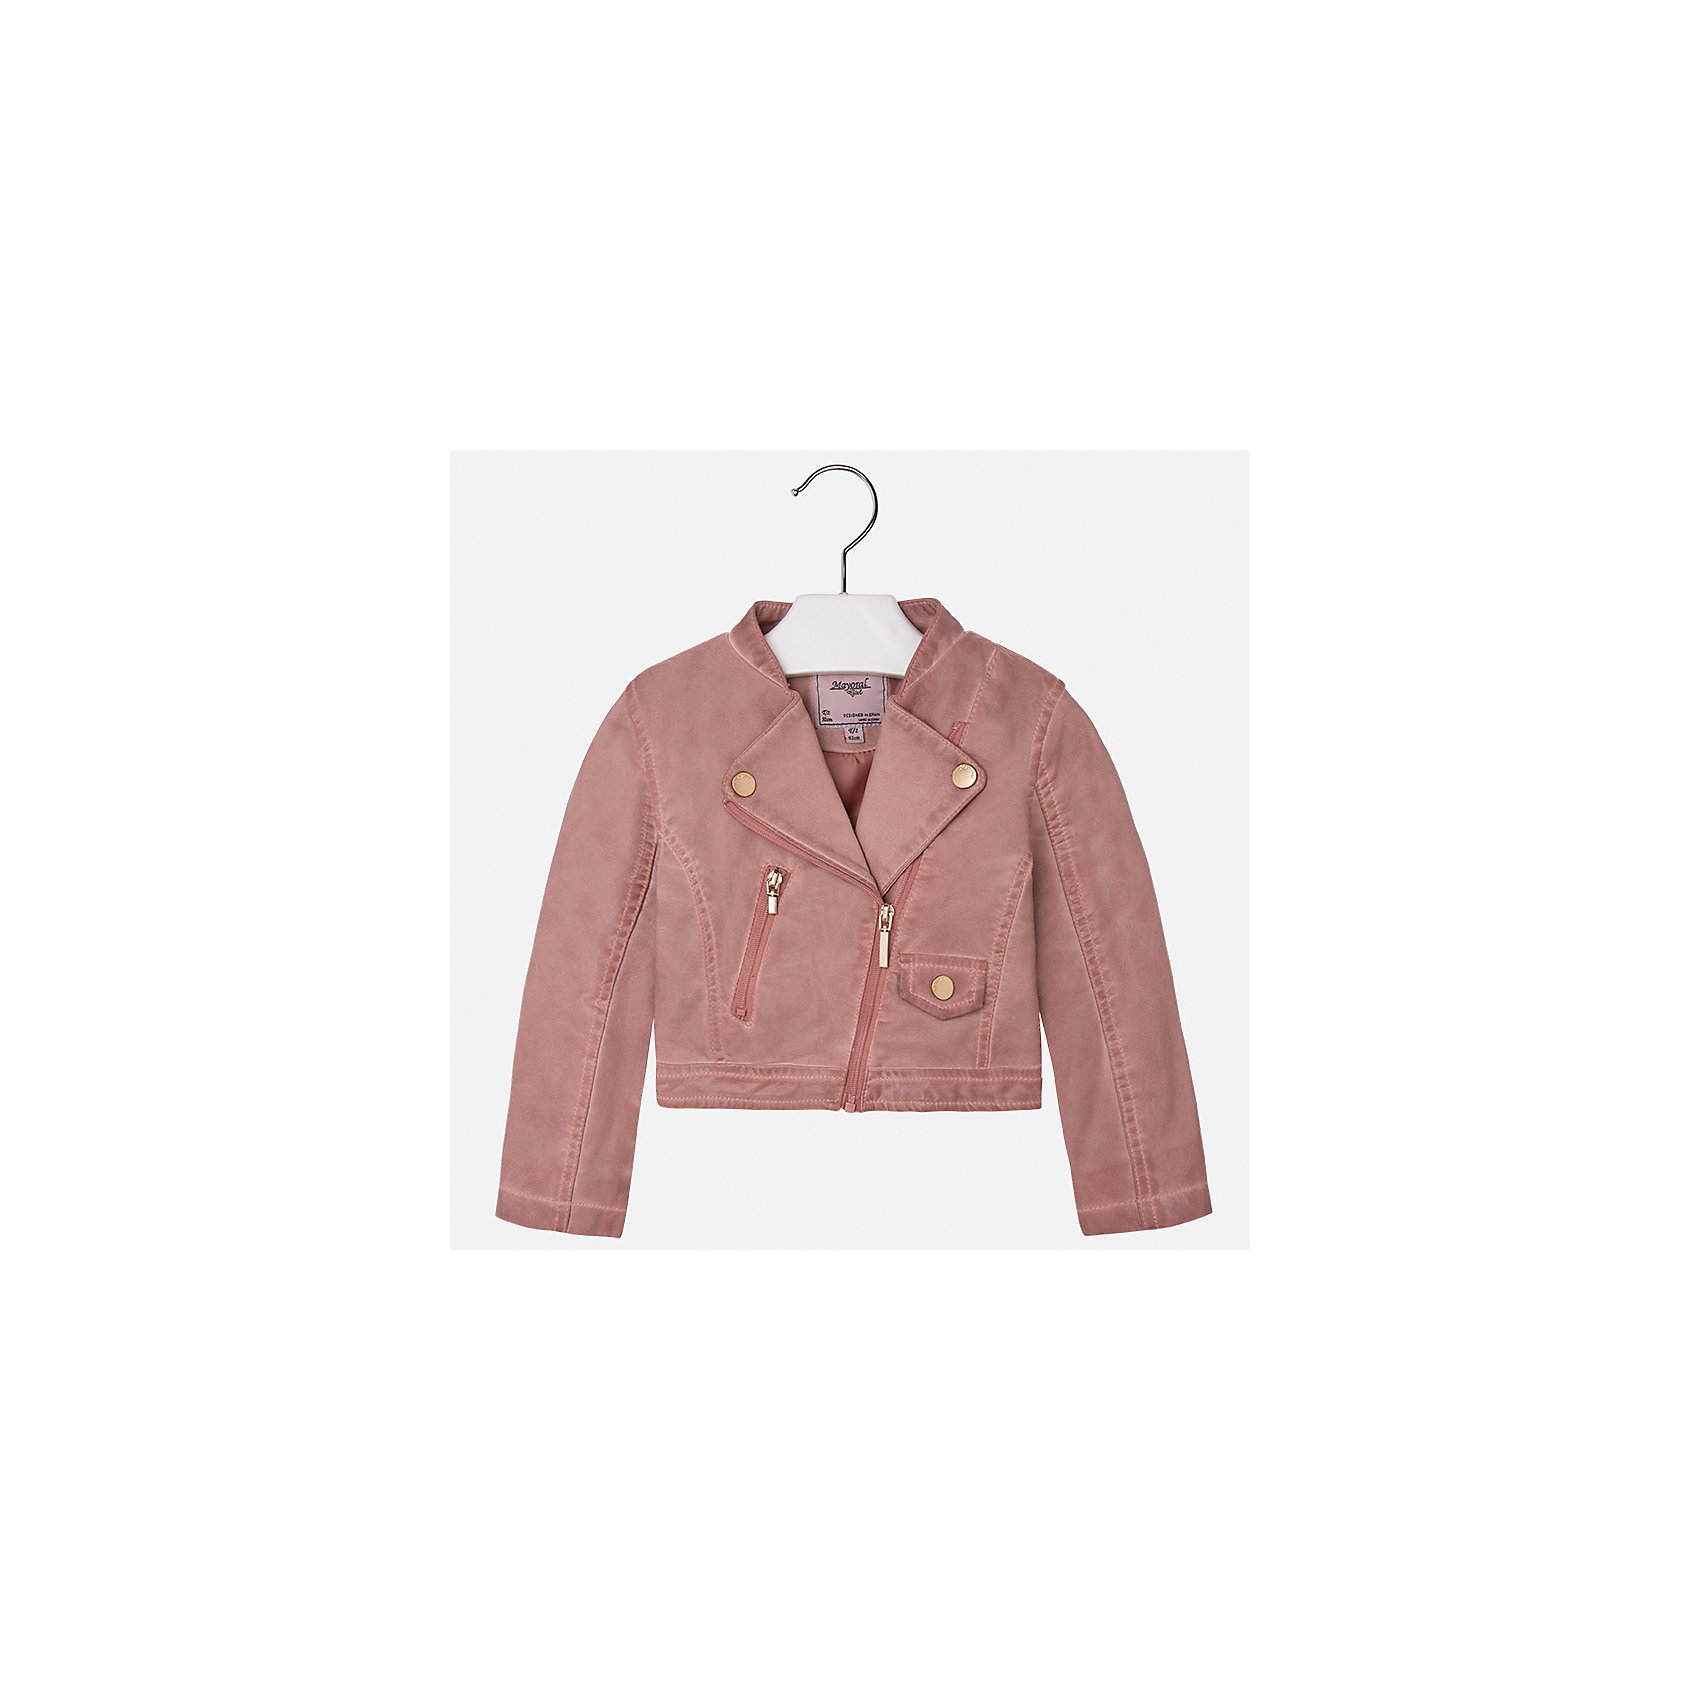 Куртка для девочки MayoralВерхняя одежда<br>Характеристики товара:<br><br>• цвет: розовый<br>• состав: 100% полиэстер, верх - 100% полиэстер<br>• косая молния<br>• карманы<br>• с длинными рукавами <br>• плотная ткань<br>• страна бренда: Испания<br><br>Стильная куртка для девочки поможет разнообразить гардероб ребенка и обеспечить тепло в прохладную погоду. Она отлично сочетается и с юбками, и с брюками. Красивый цвет позволяет подобрать к вещи низ различных расцветок. Интересная отделка модели делает её нарядной и стильной. Оригинальной и модной куртку делает косая молния.<br><br>Одежда, обувь и аксессуары от испанского бренда Mayoral полюбились детям и взрослым по всему миру. Модели этой марки - стильные и удобные. Для их производства используются только безопасные, качественные материалы и фурнитура. Порадуйте ребенка модными и красивыми вещами от Mayoral! <br><br>Куртку для девочки от испанского бренда Mayoral (Майорал) можно купить в нашем интернет-магазине.<br><br>Ширина мм: 356<br>Глубина мм: 10<br>Высота мм: 245<br>Вес г: 519<br>Цвет: розовый<br>Возраст от месяцев: 96<br>Возраст до месяцев: 108<br>Пол: Женский<br>Возраст: Детский<br>Размер: 134,92,98,104,110,116,122,128<br>SKU: 5290091